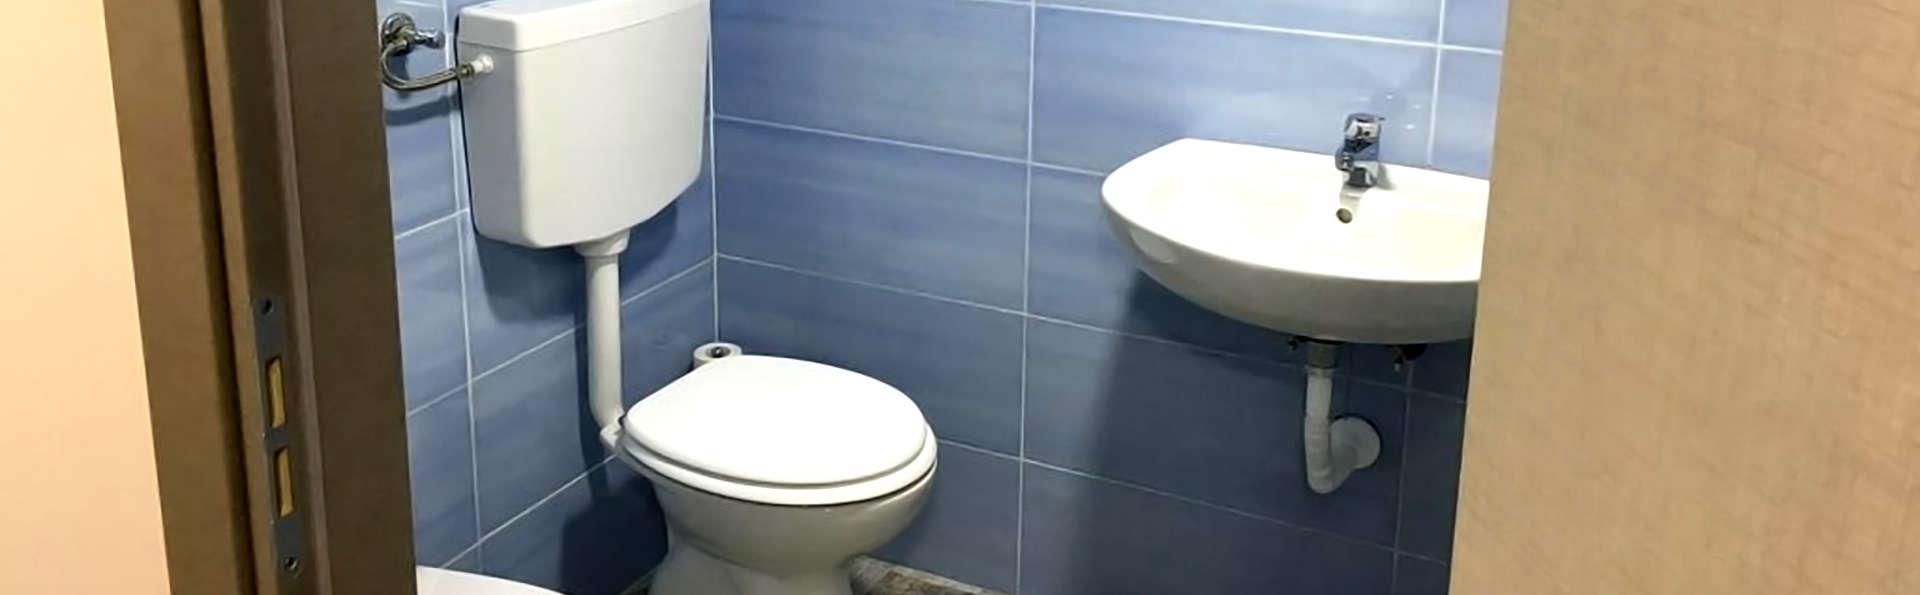 B&B Chez Moi - Edit_Bathroom.jpg